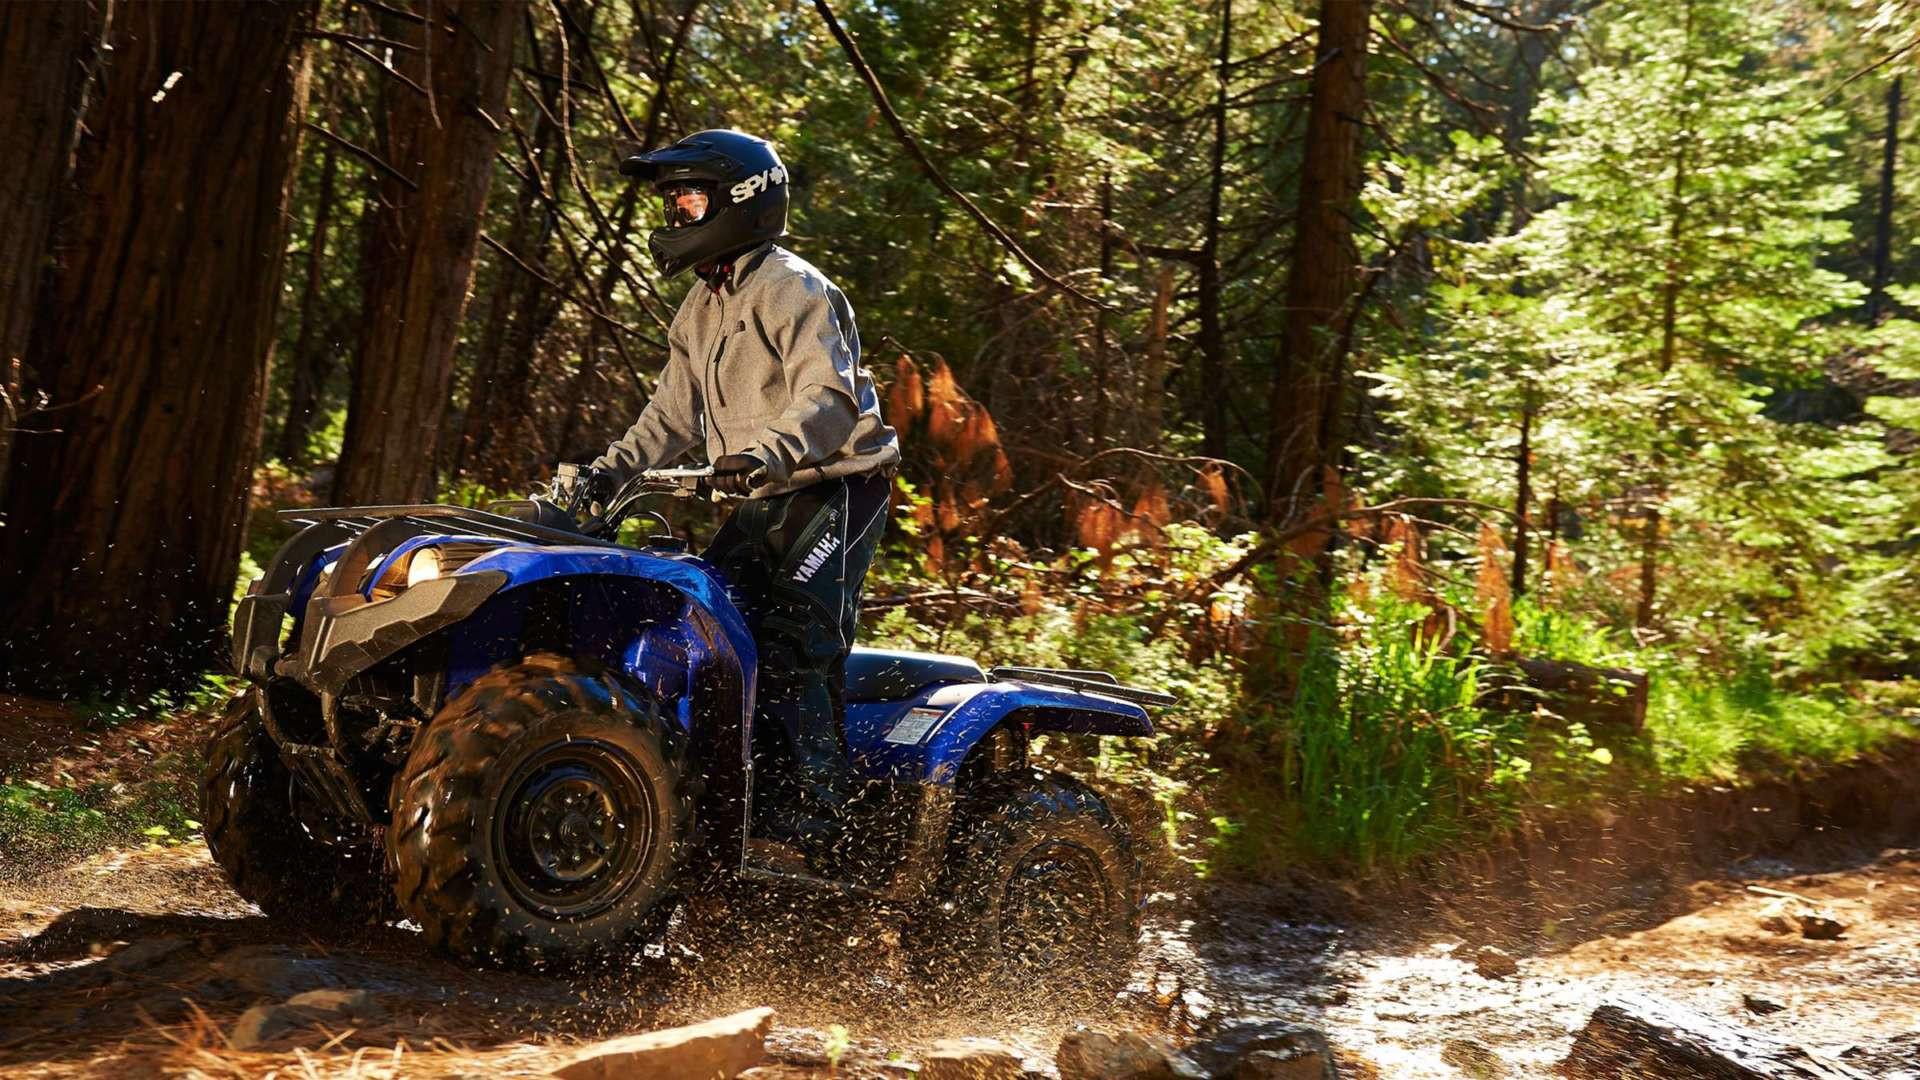 Outdoor-Adventures-Yamaha-Riding-Adventu